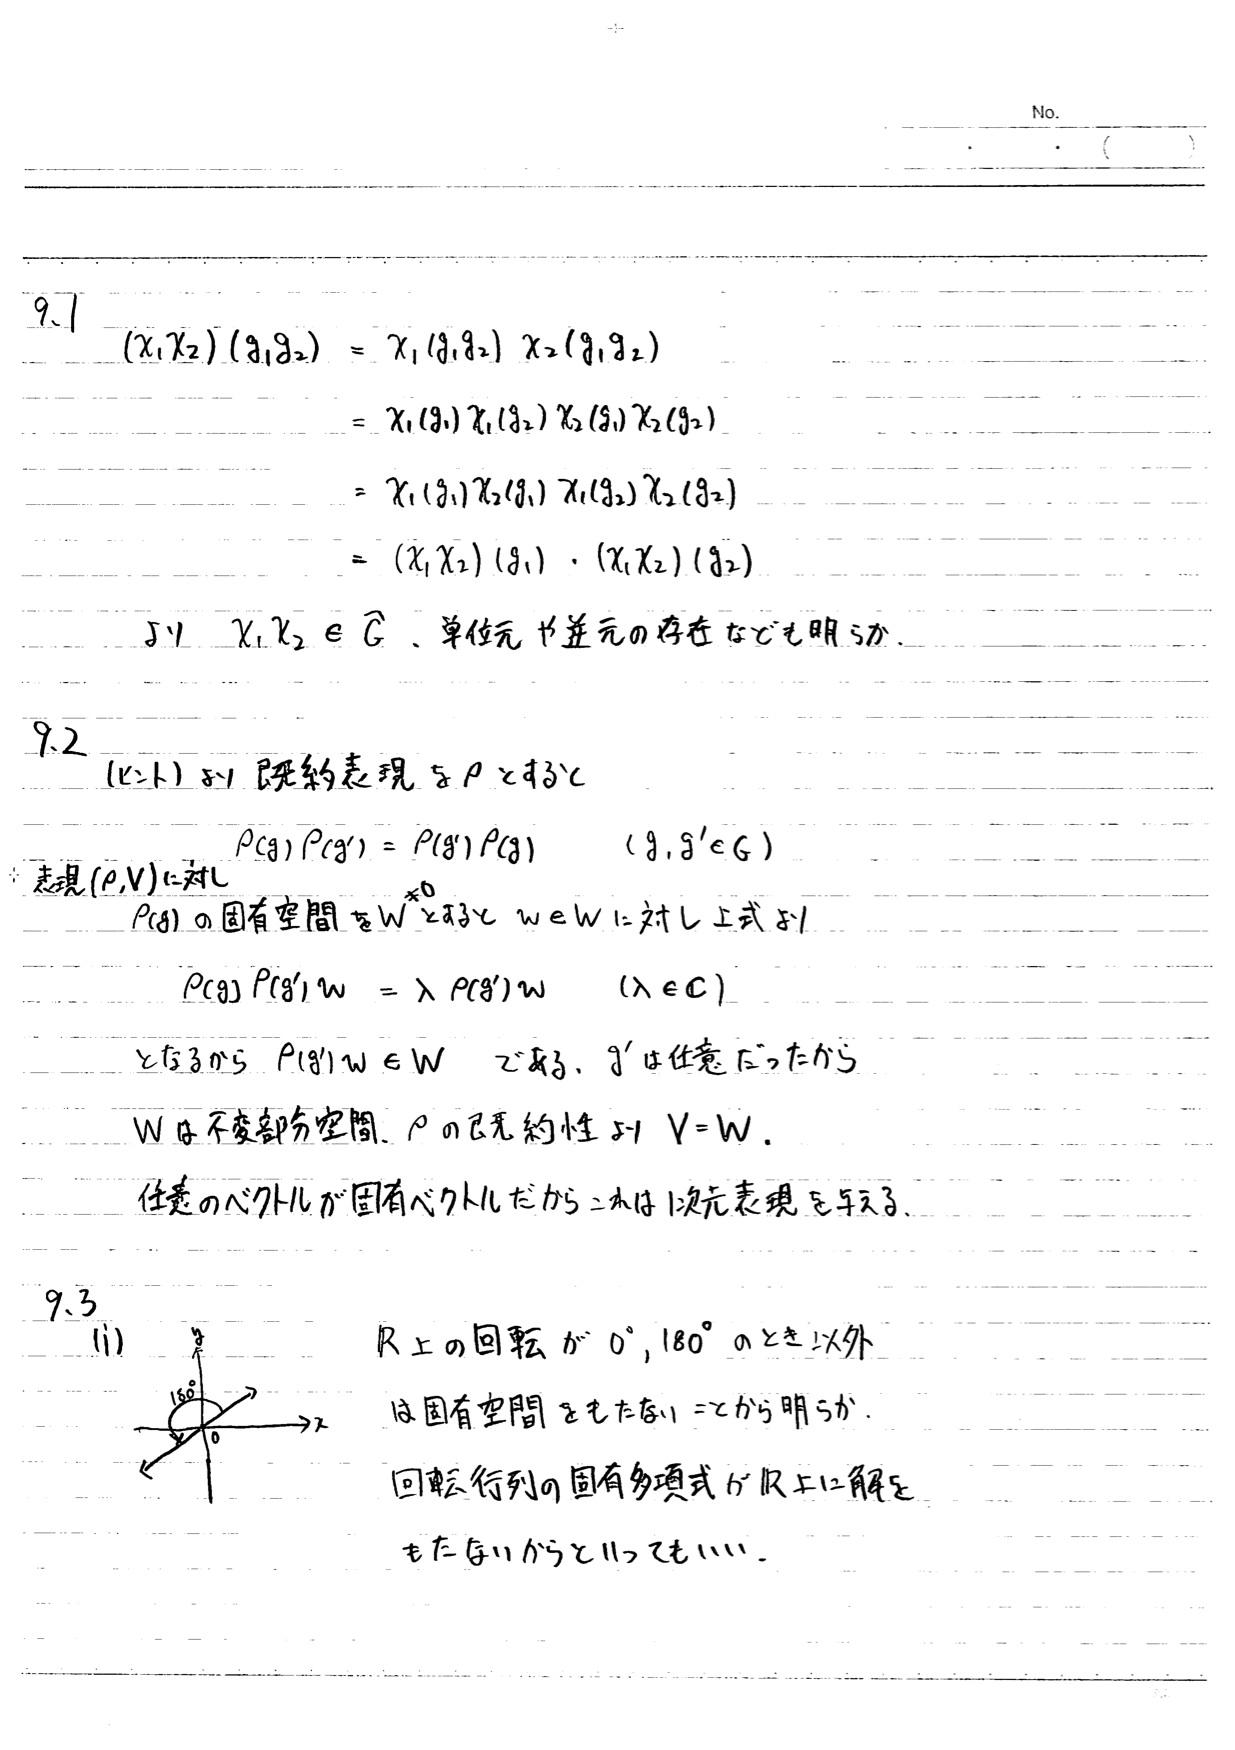 9_1.jpg